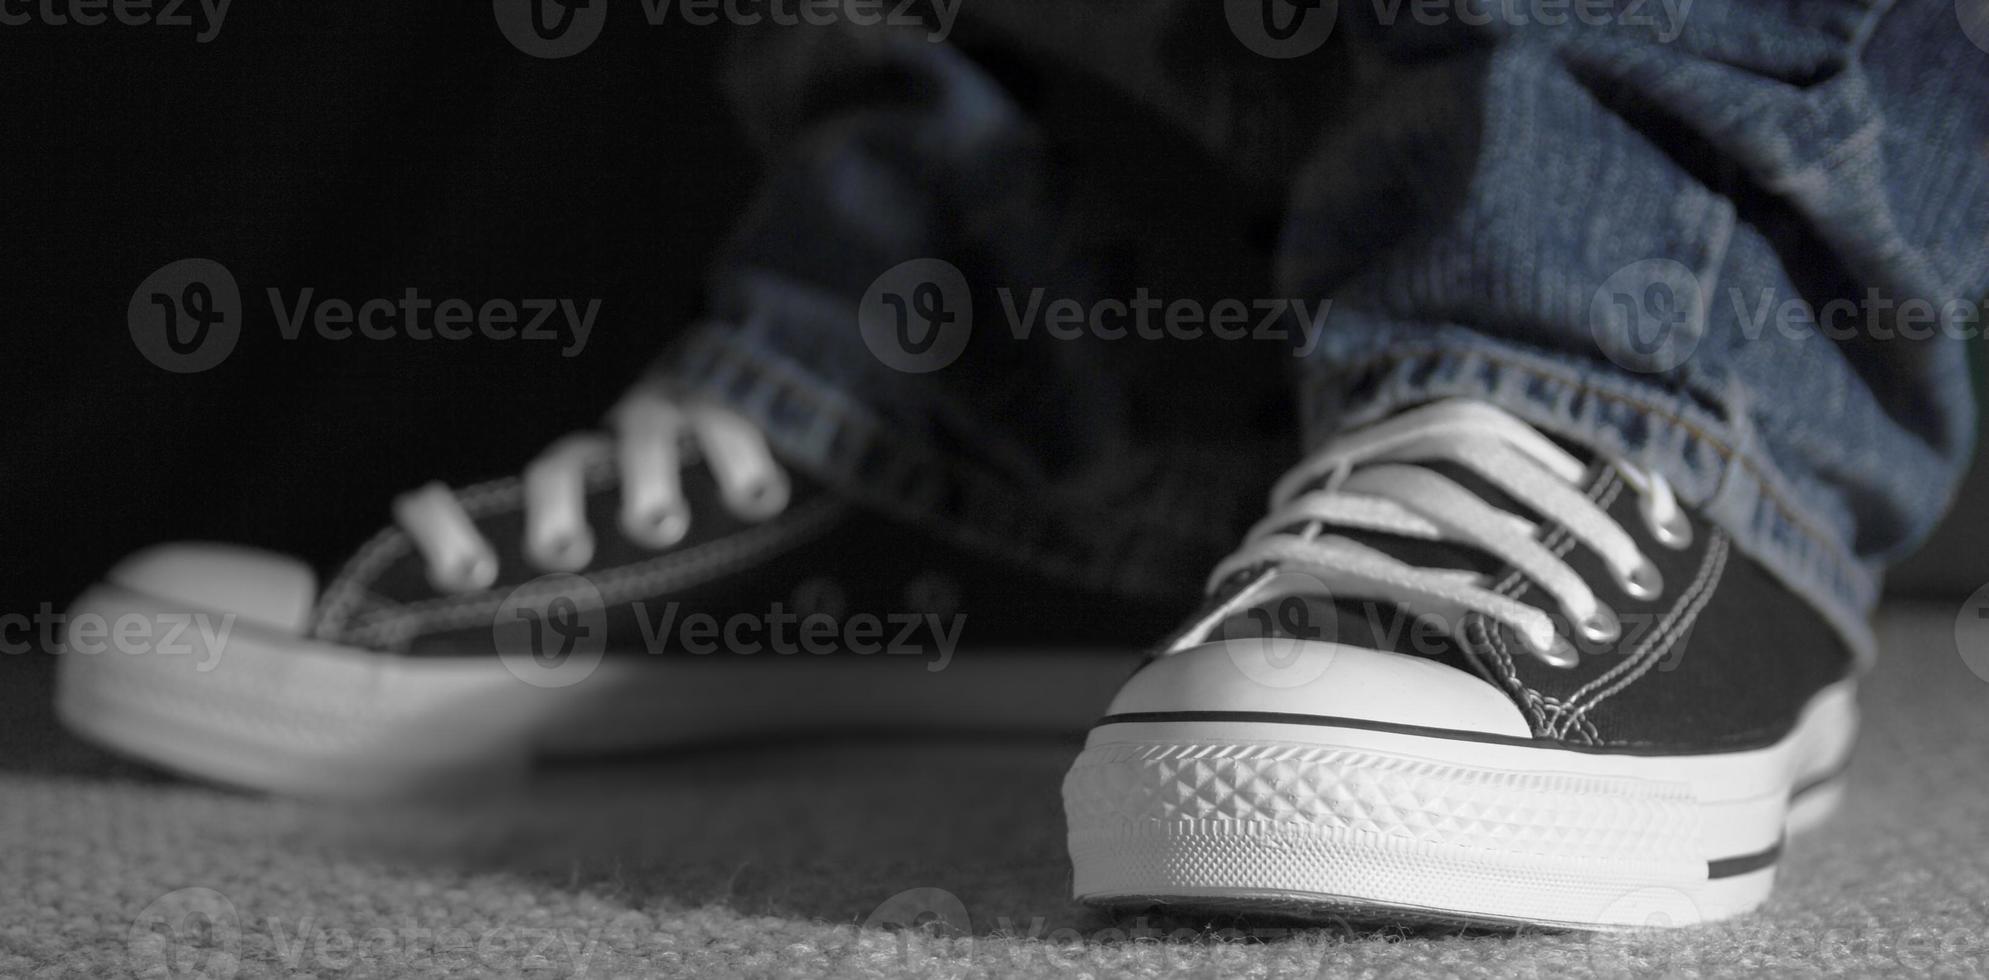 stilvolle Schuhe foto